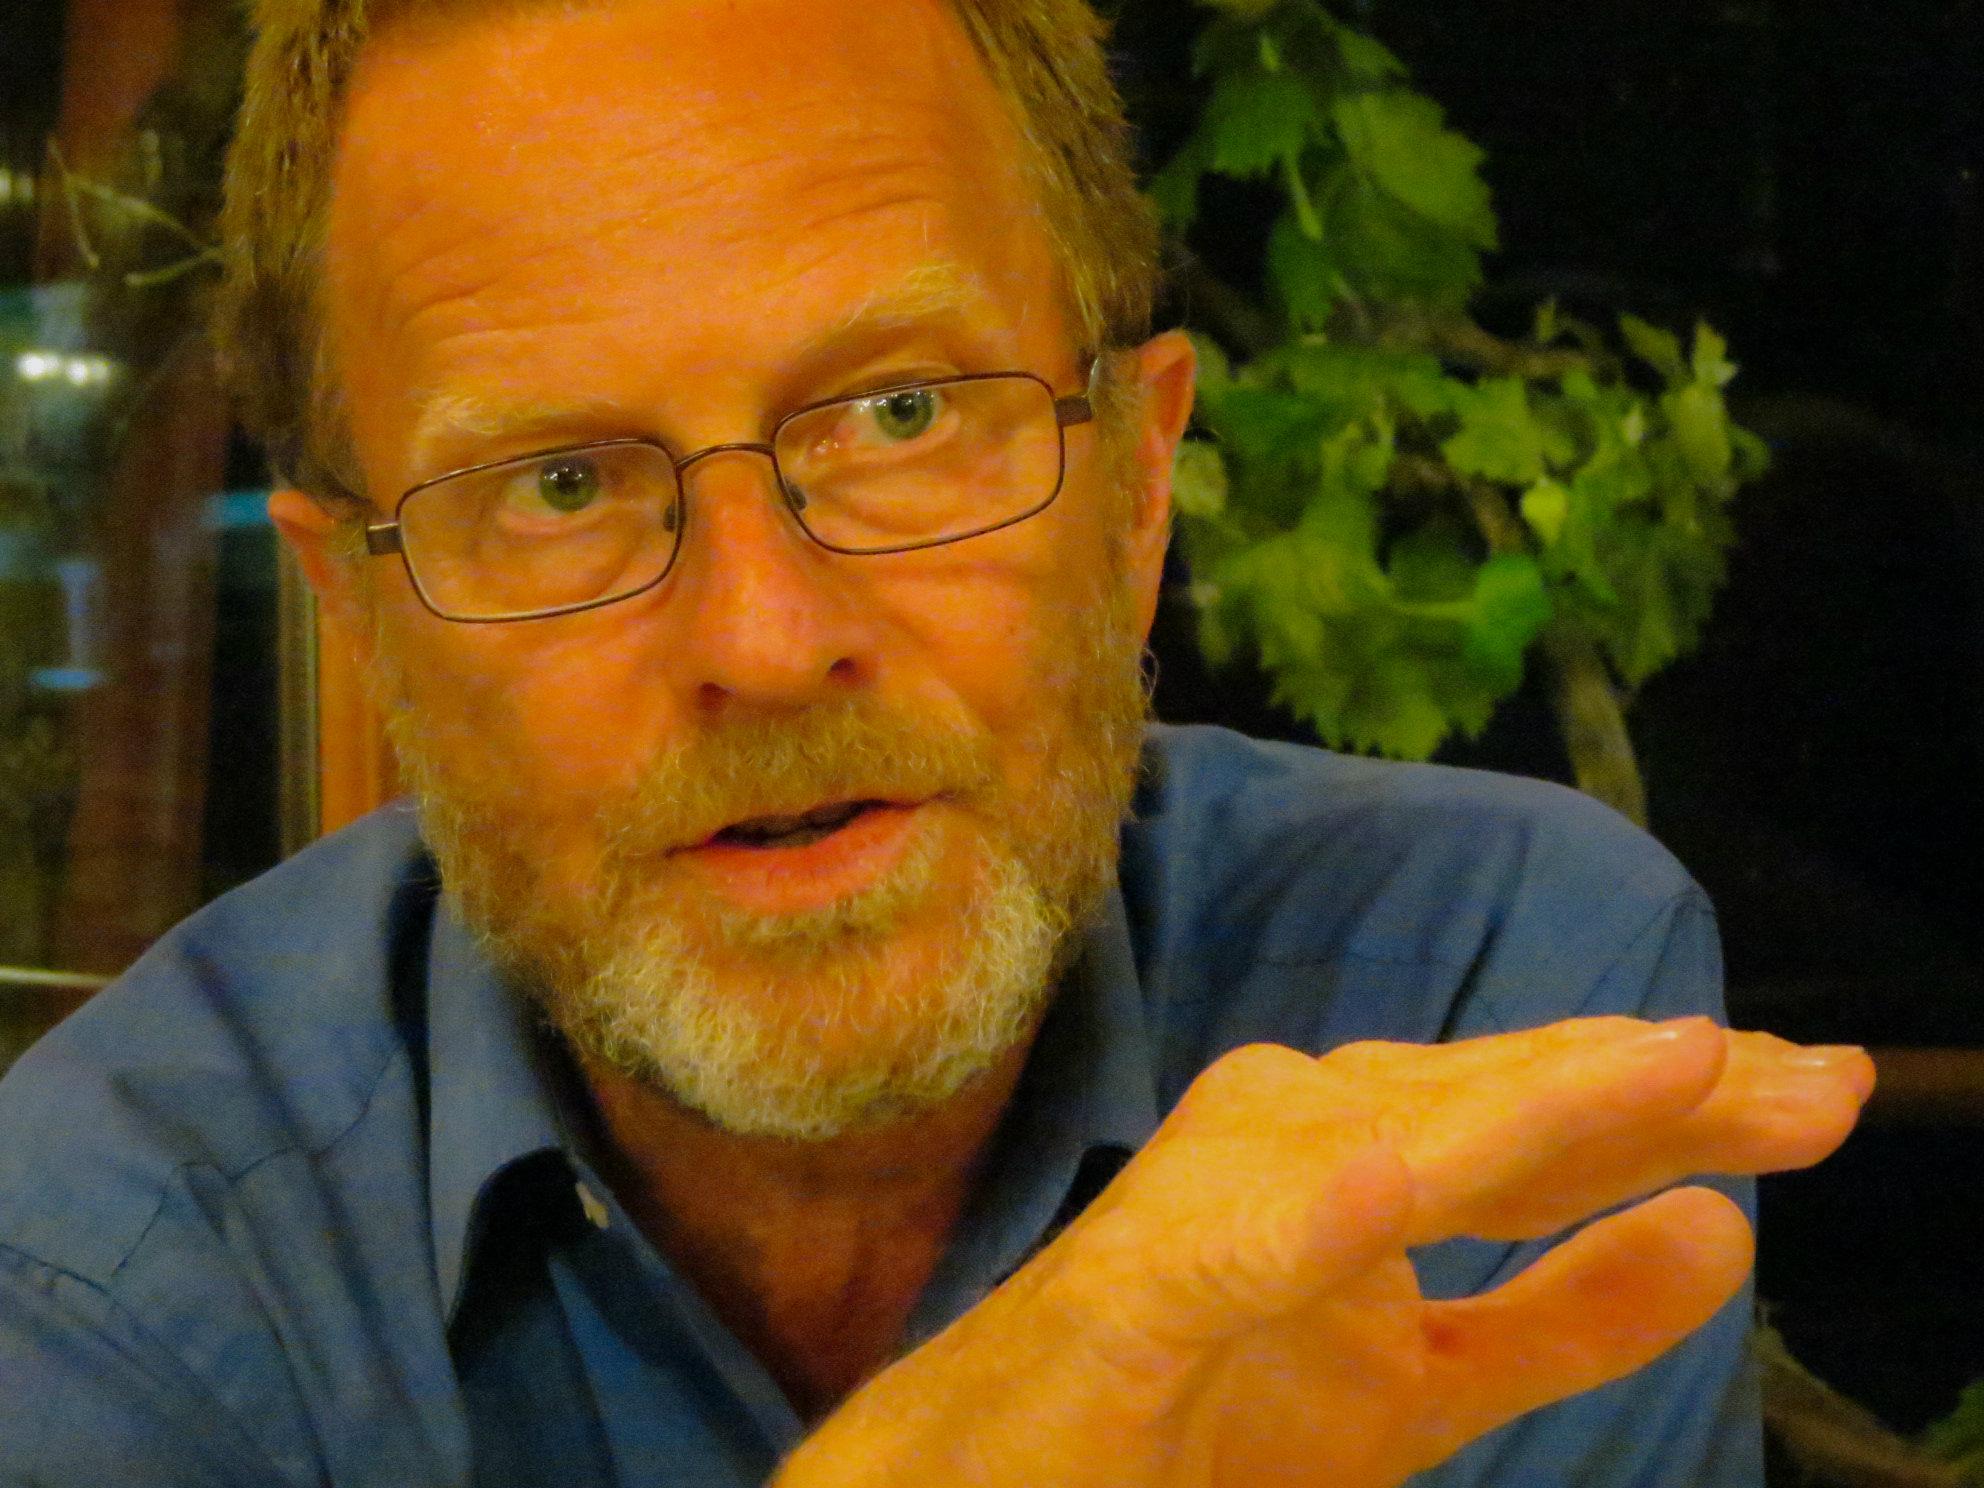 Photo: Colorado poet laureate David Mason